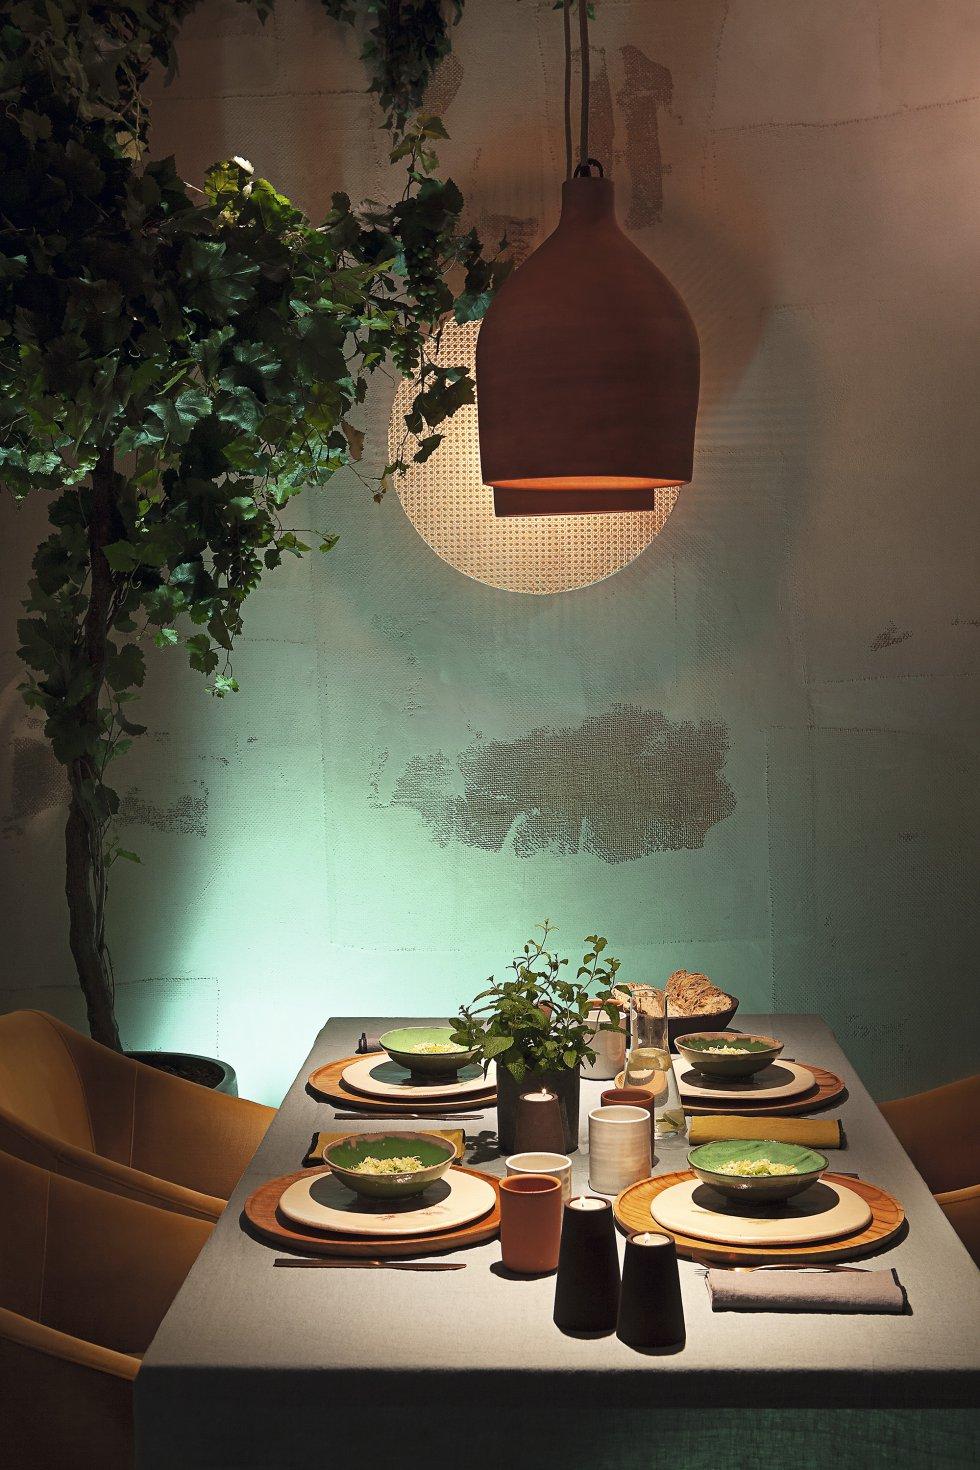 Los vasos y los platos de ceramistas artesanos y los manteles o las servilletas de lino como las de Balakata sirven para vestir una mesa de manera sostenible. También los cuencos (99 euros) y portavelas (35 euros) de Decafé, un proyecto de Raúl Laurí que utiliza los posos del café para fabricar artículos de menaje y decoración.